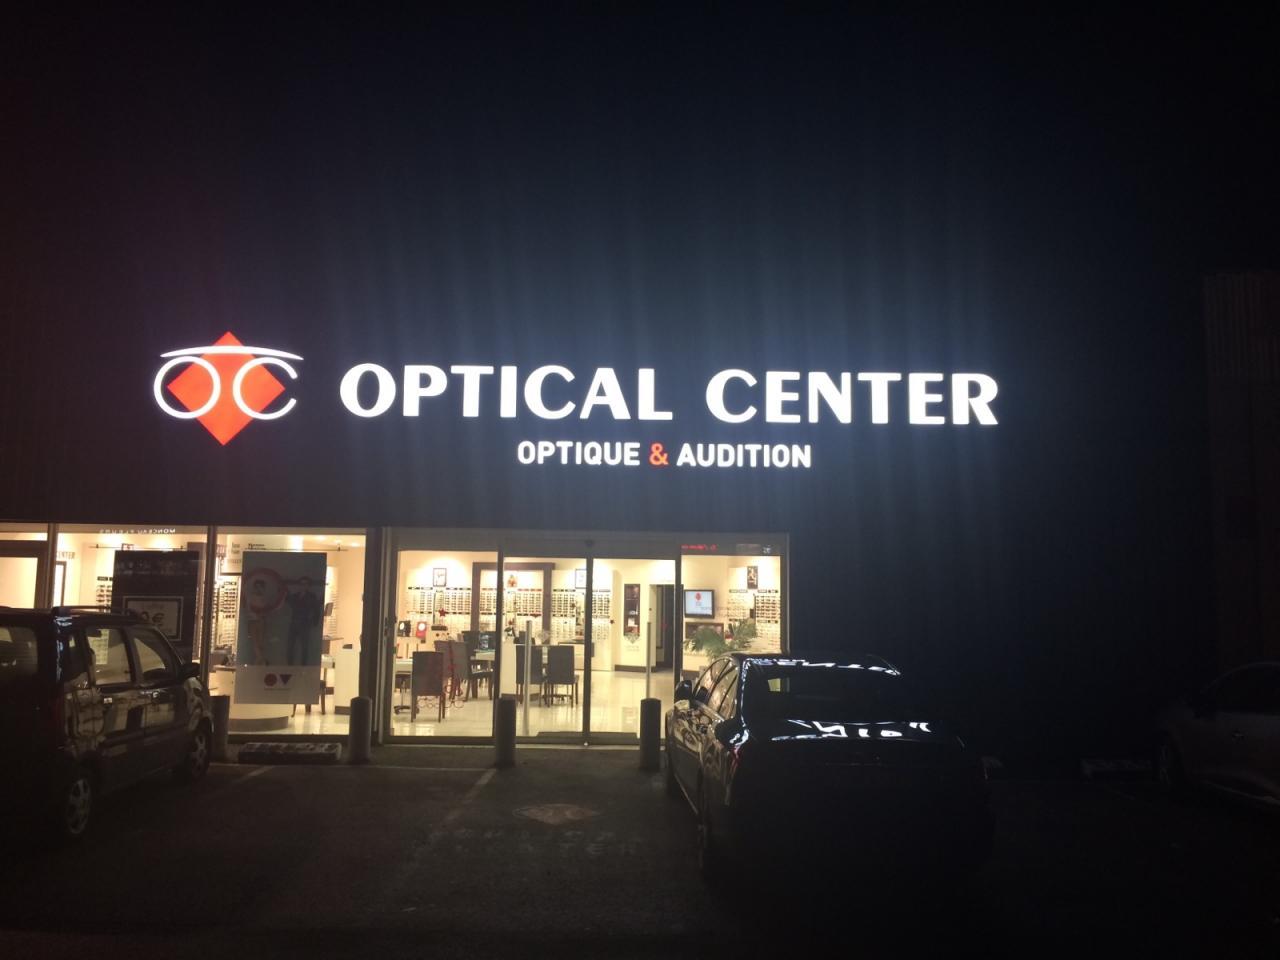 Optical center vendome